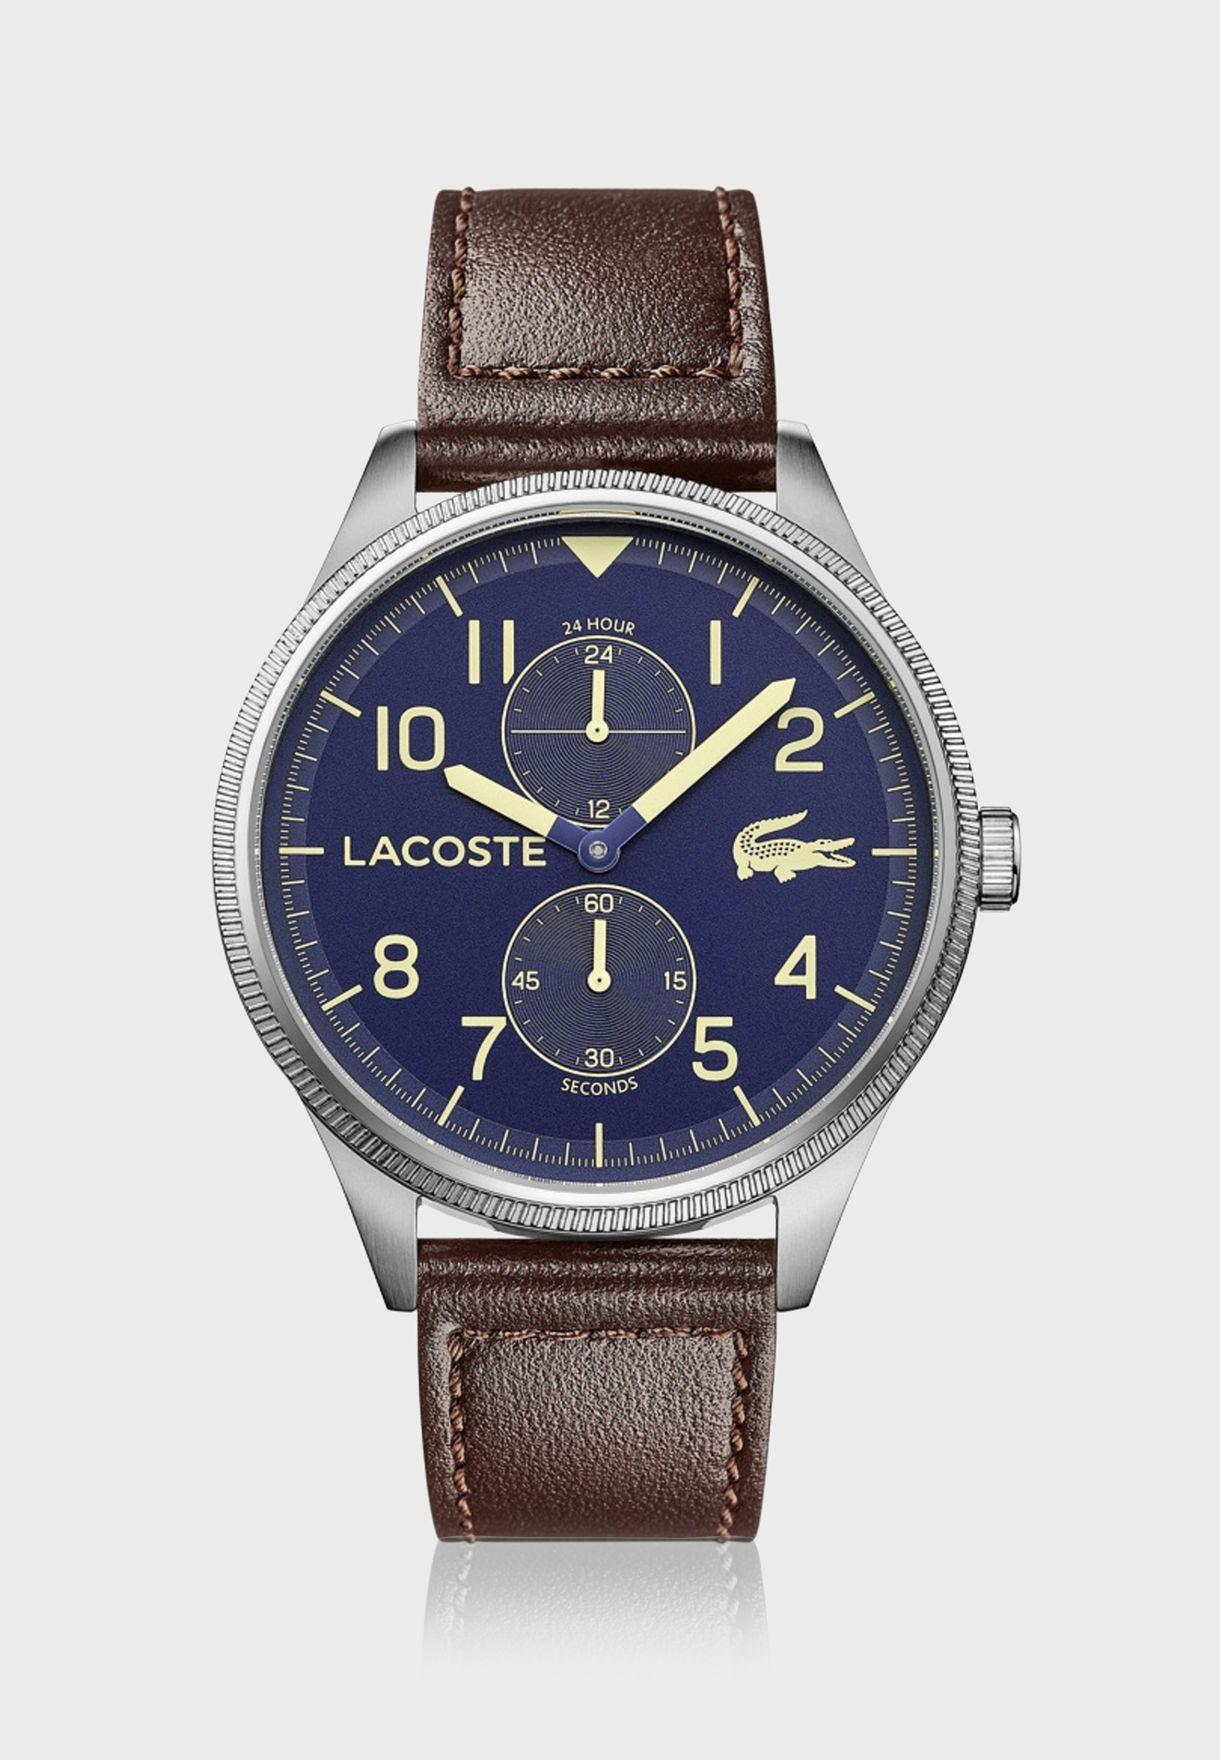 ساعة لاكوست لاكوست كونتيننتال بسوار جلدي للرجال - 2011040